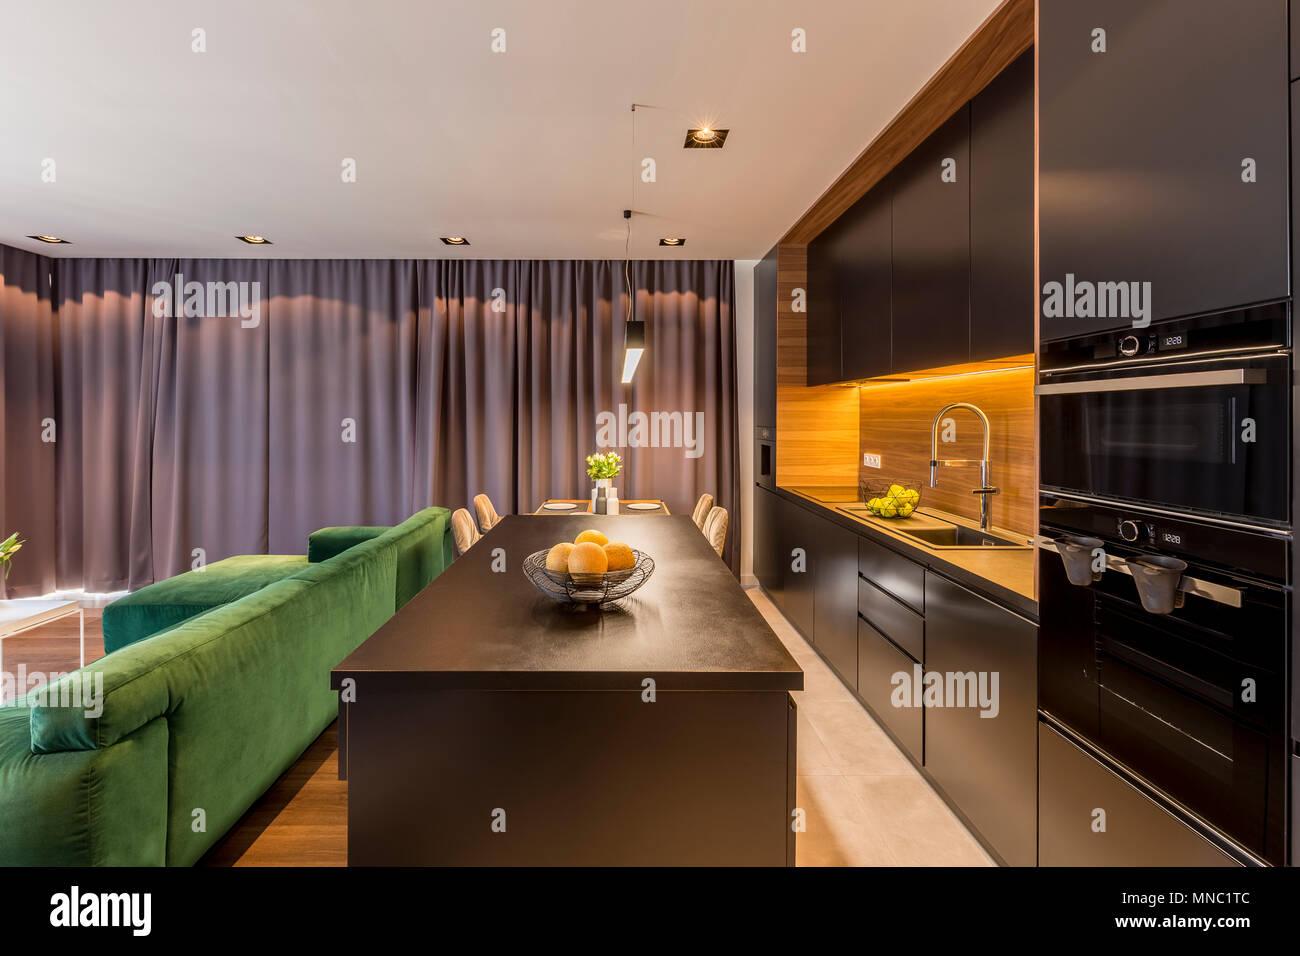 Kuche Insel In Dunklen Open Space Interieur Mit Grunen Couch Und Braunen Vorhangen Stockfotografie Alamy